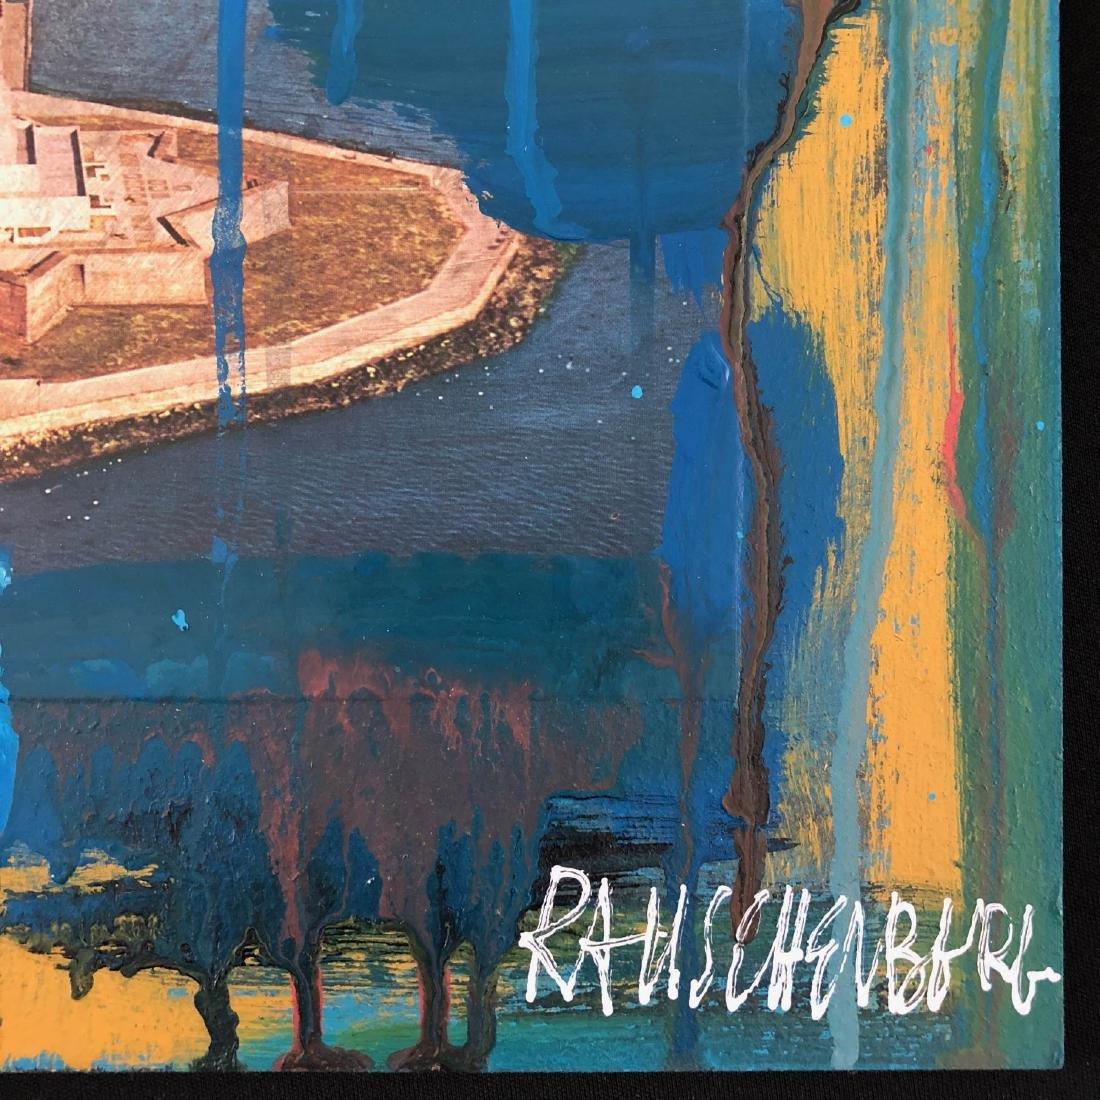 Robert Rauchenberg (American, 1925 - 2008) -- Hand - 4